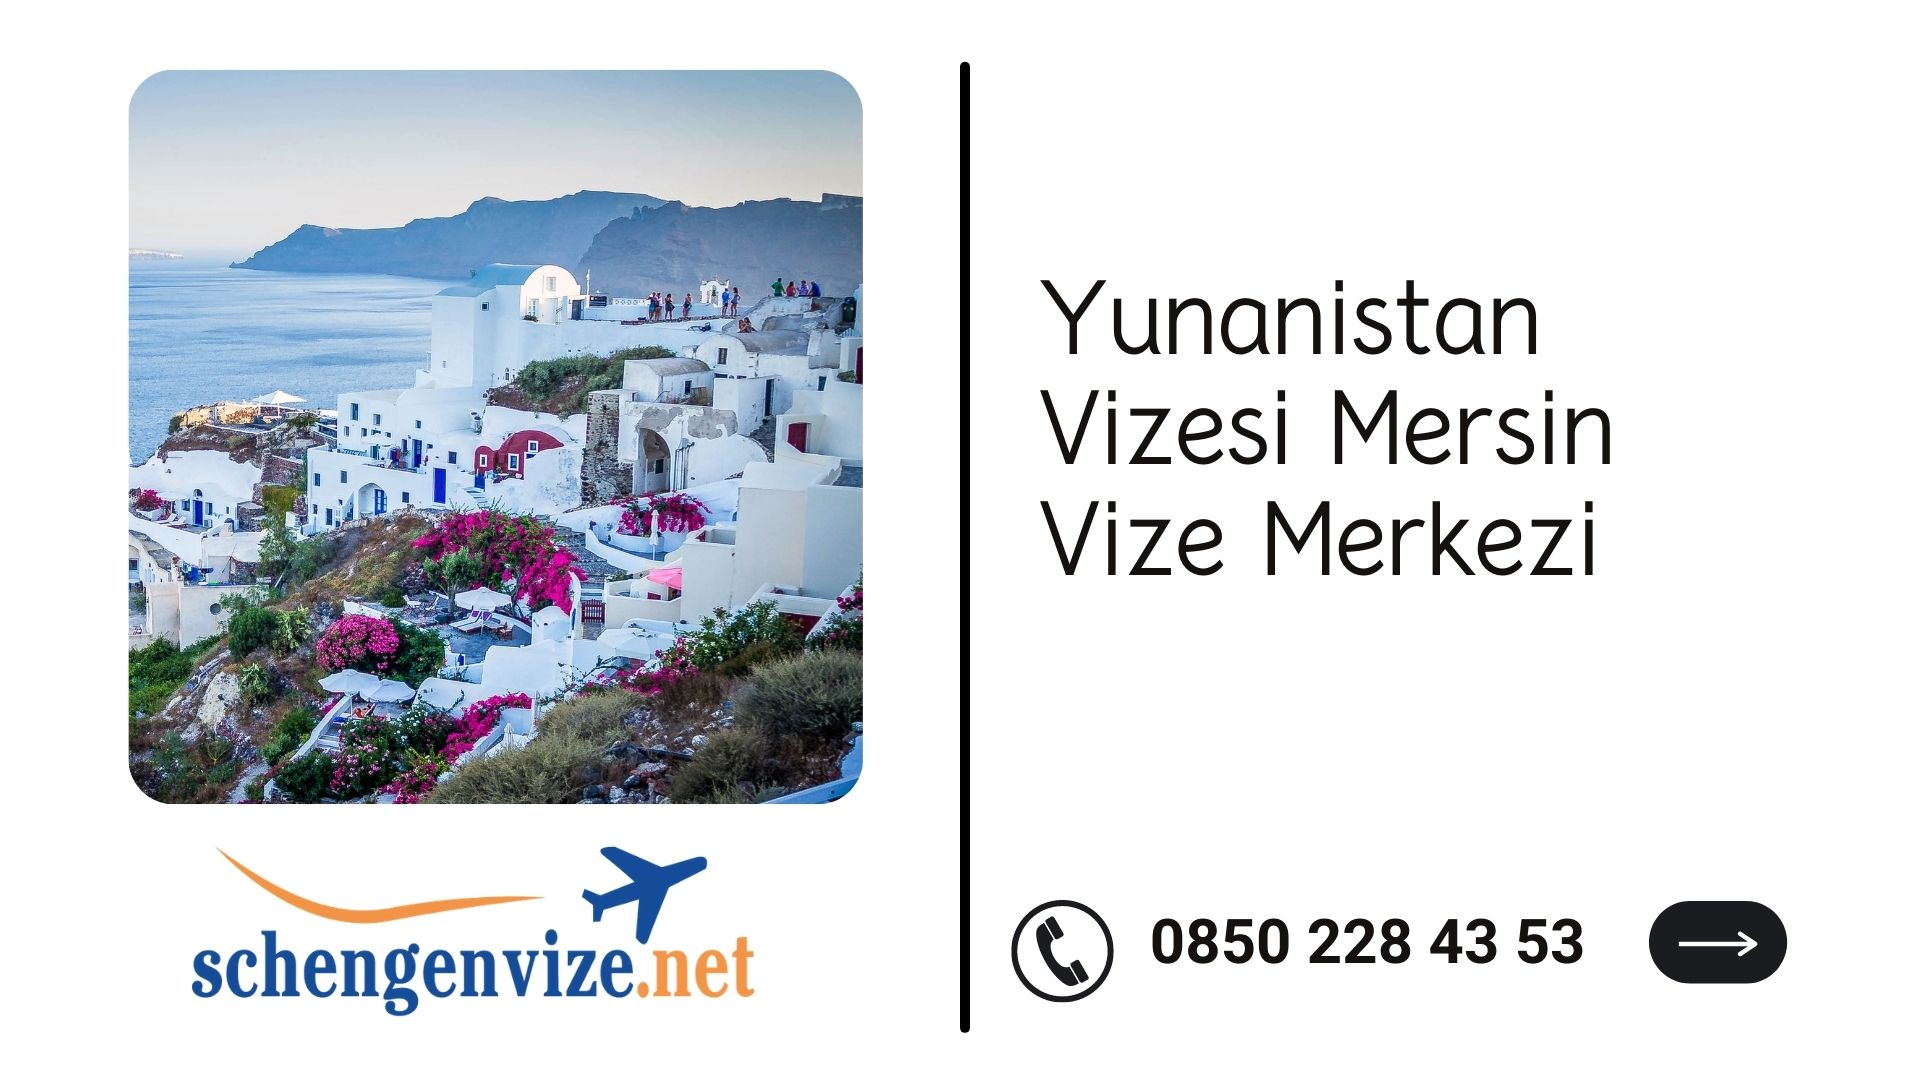 Yunanistan Vizesi Mersin Vize Merkezi